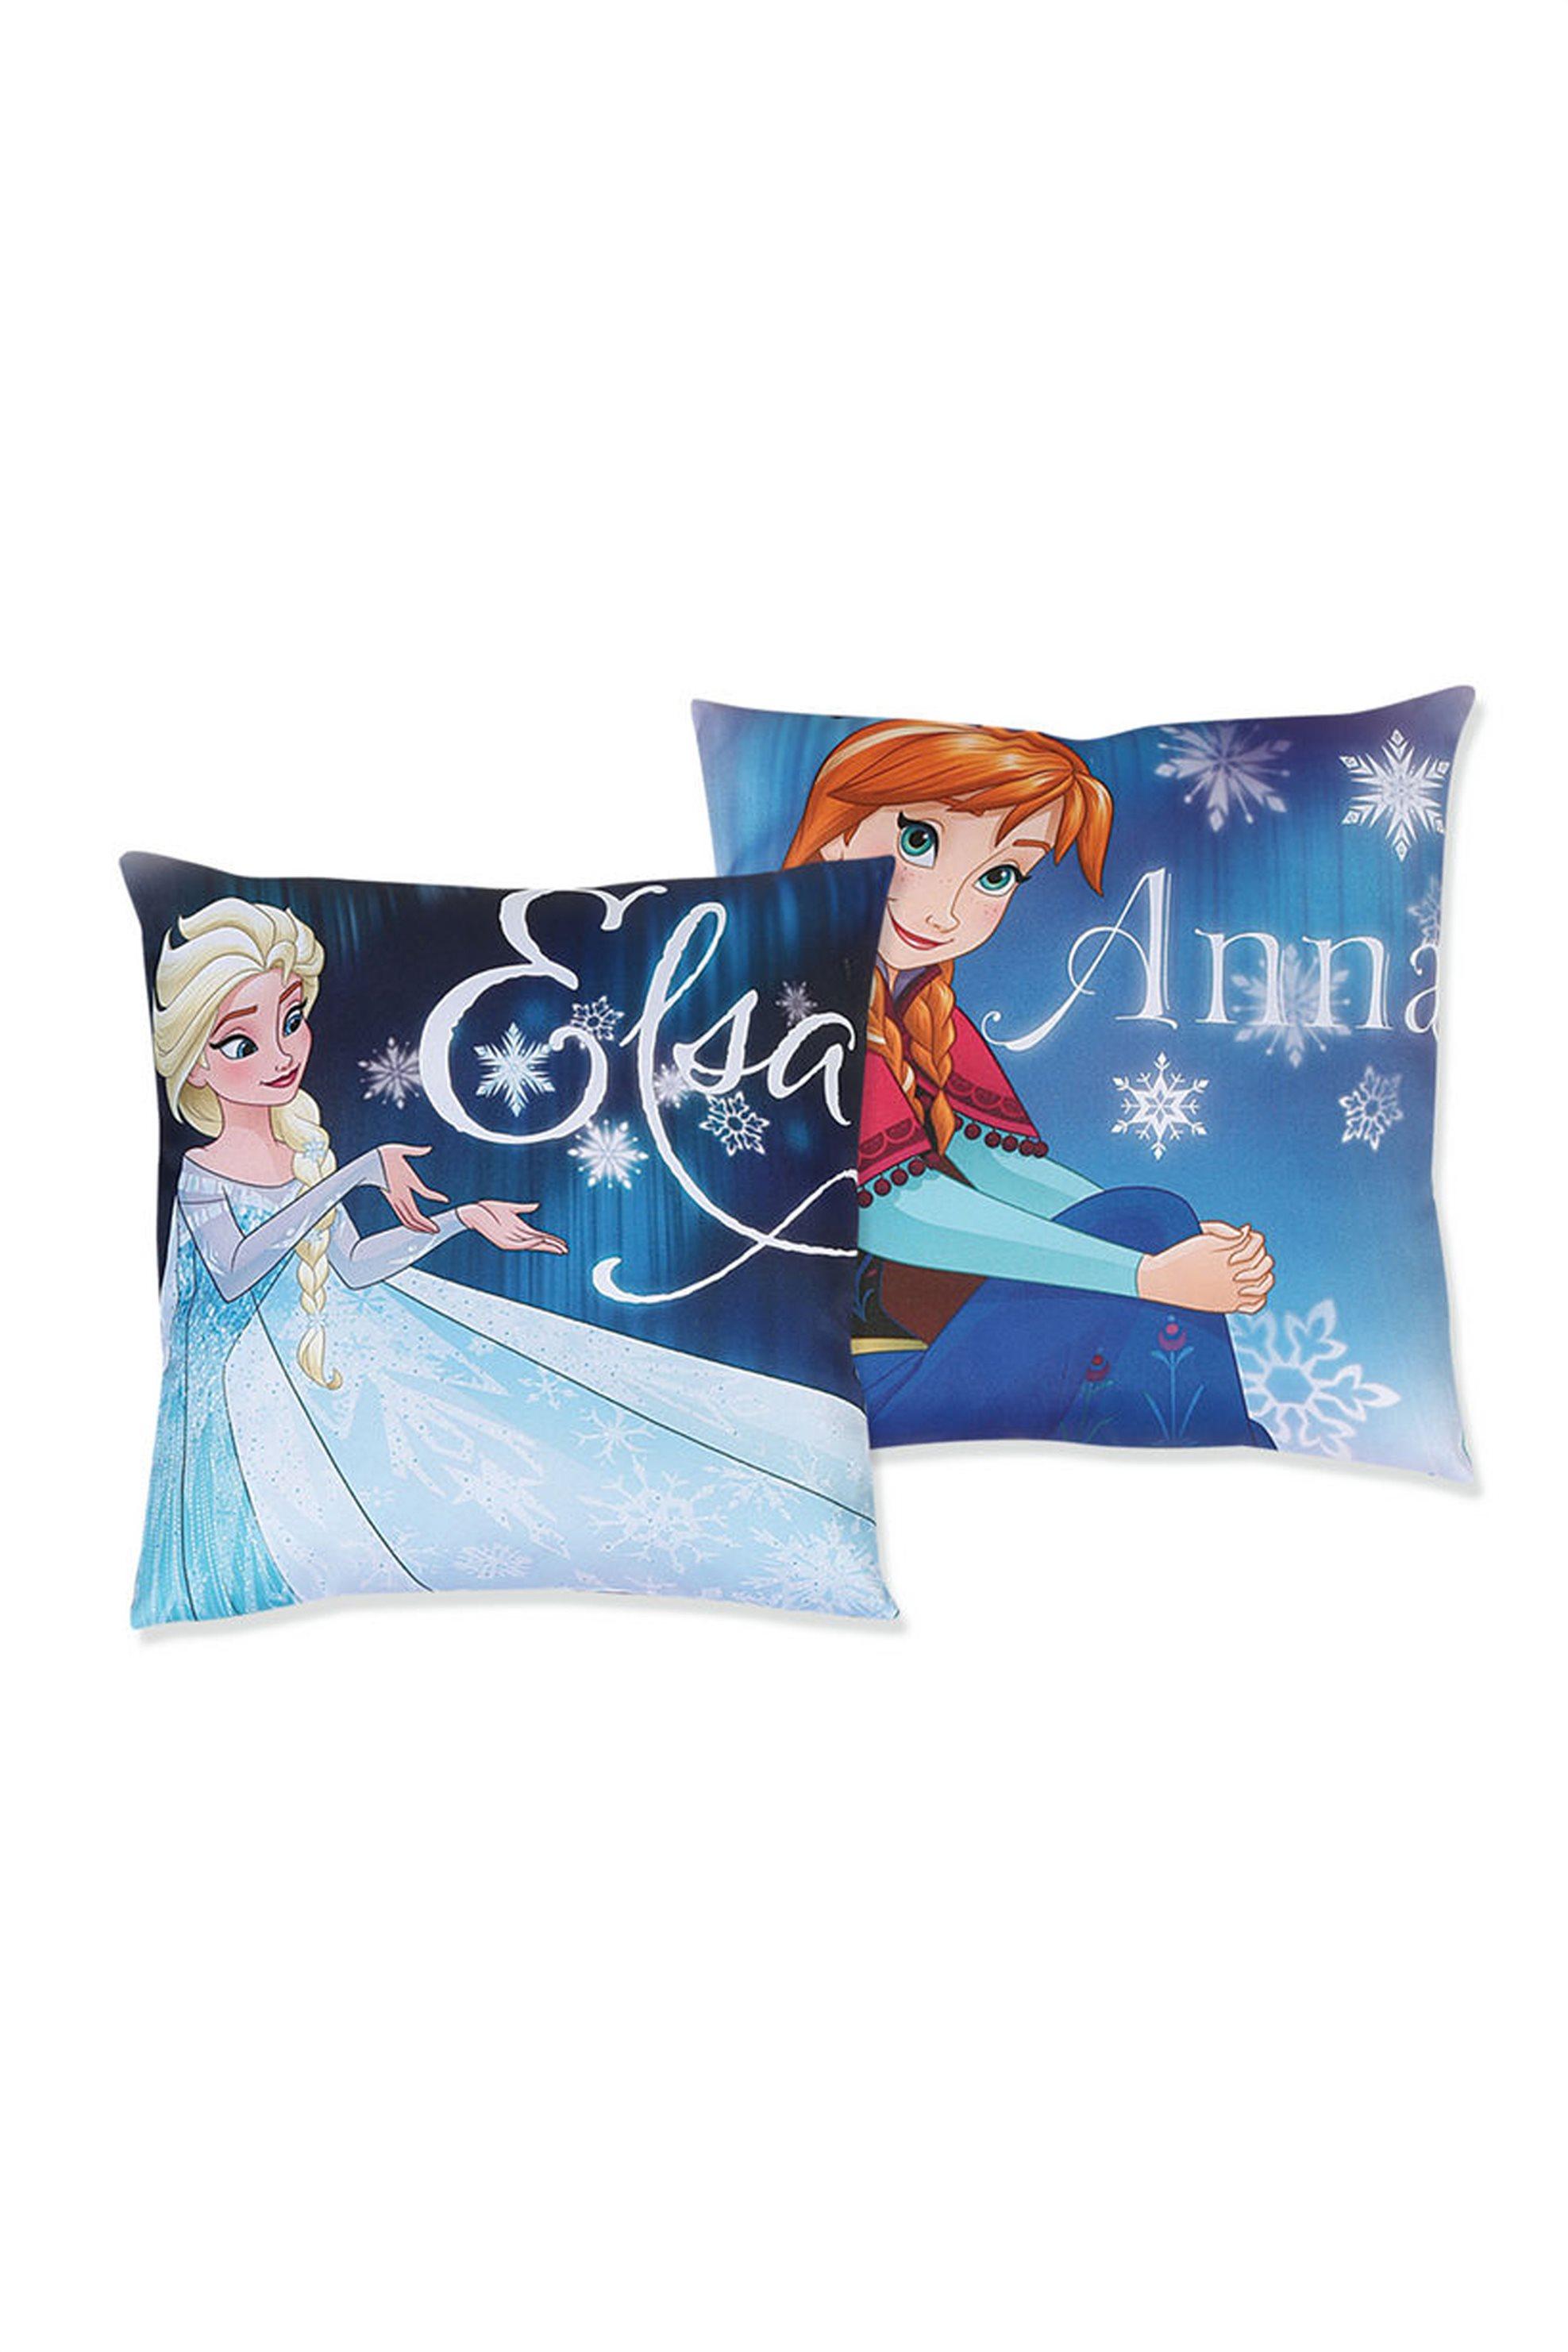 Παιδικό διακοσμητικό μαξιλάρι Fozen Lights Disney - 018639 - Μπλε home   παιδια   μαξιλάρια